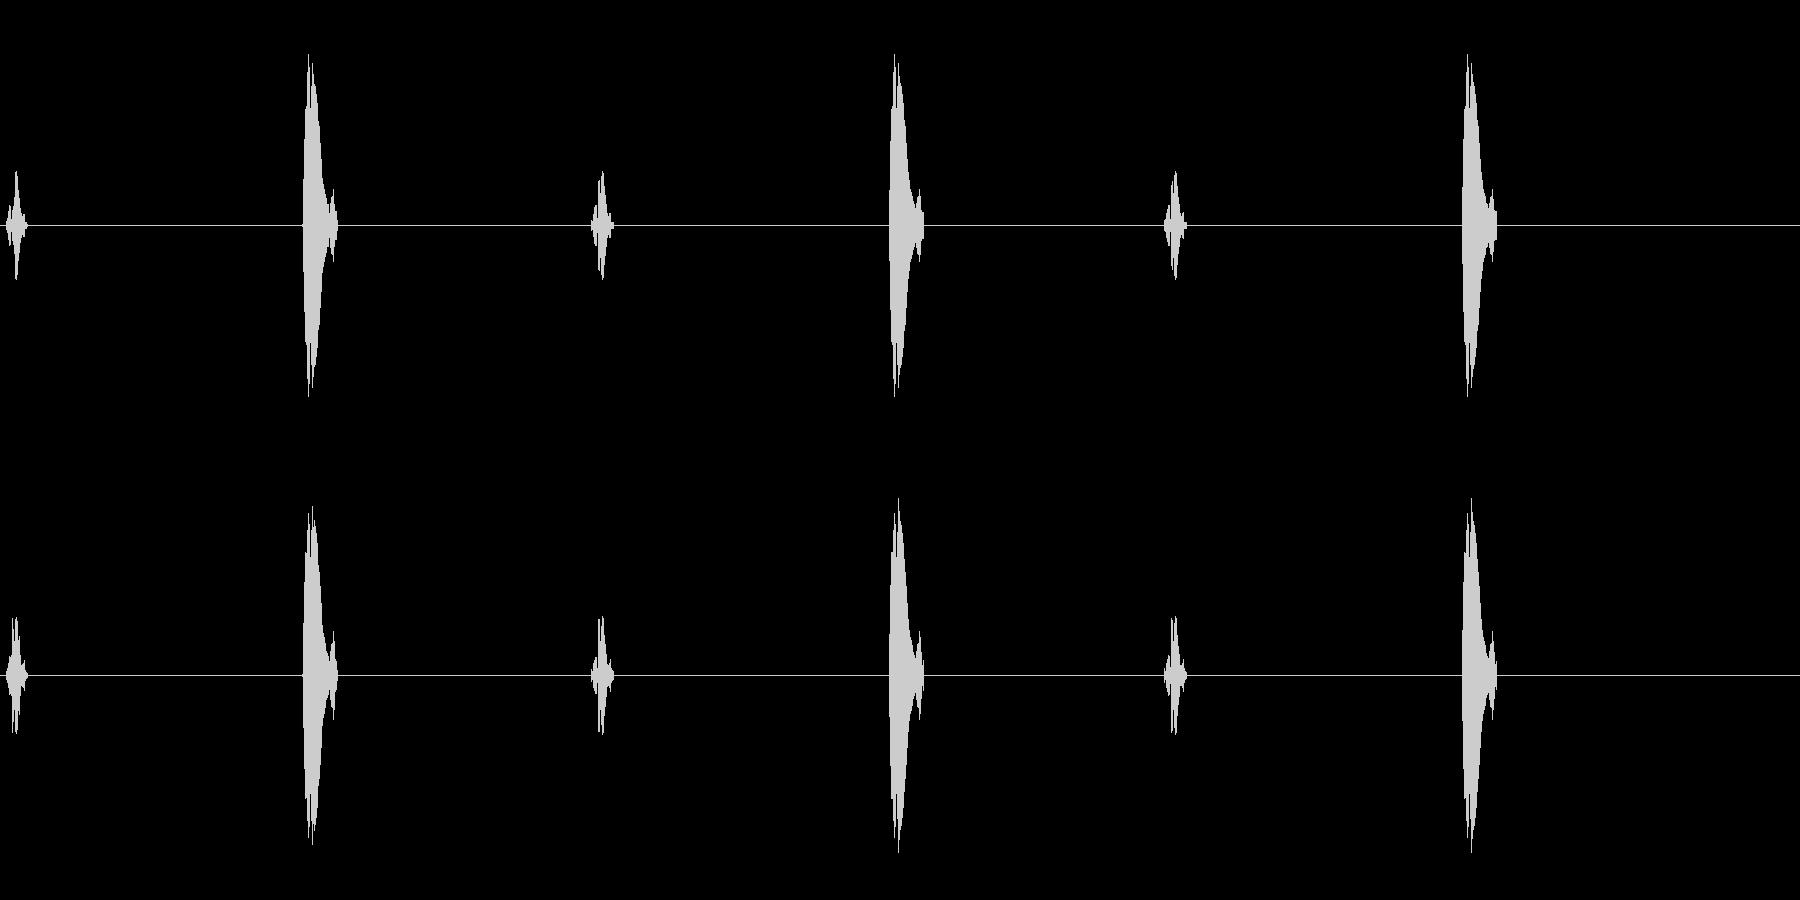 キュッ ッポ の一定リズム音の未再生の波形